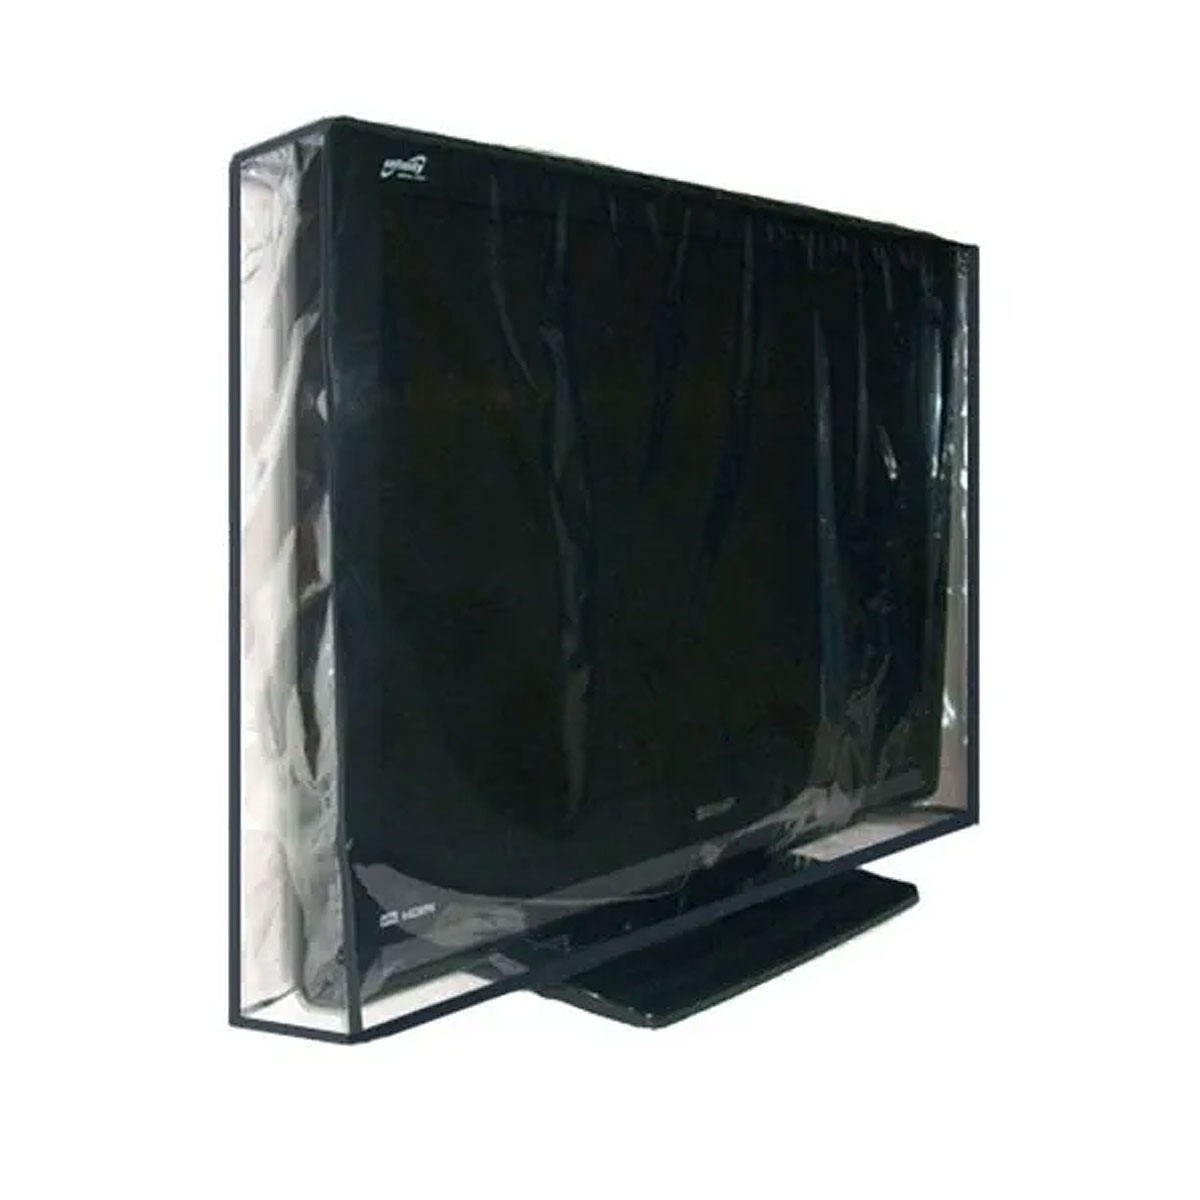 Capa Para Tv Led 47 Pvc Cristal - Fechada Atrás